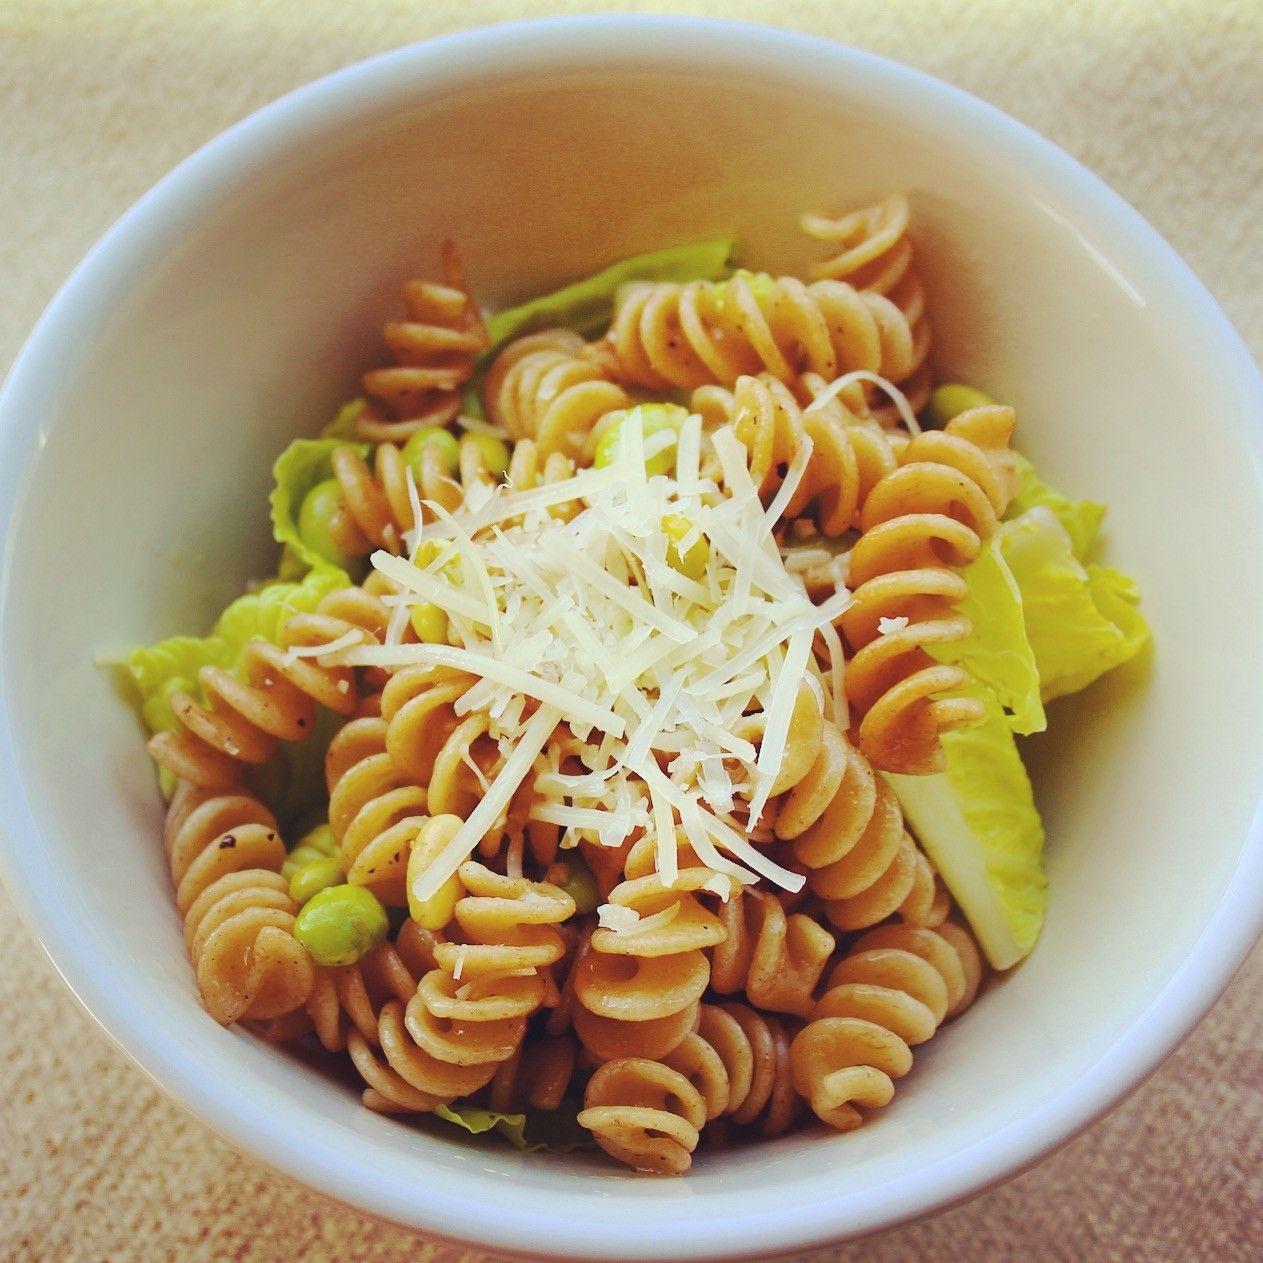 Simple Edamame Pasta Salad Recipe With Images Vegetarian